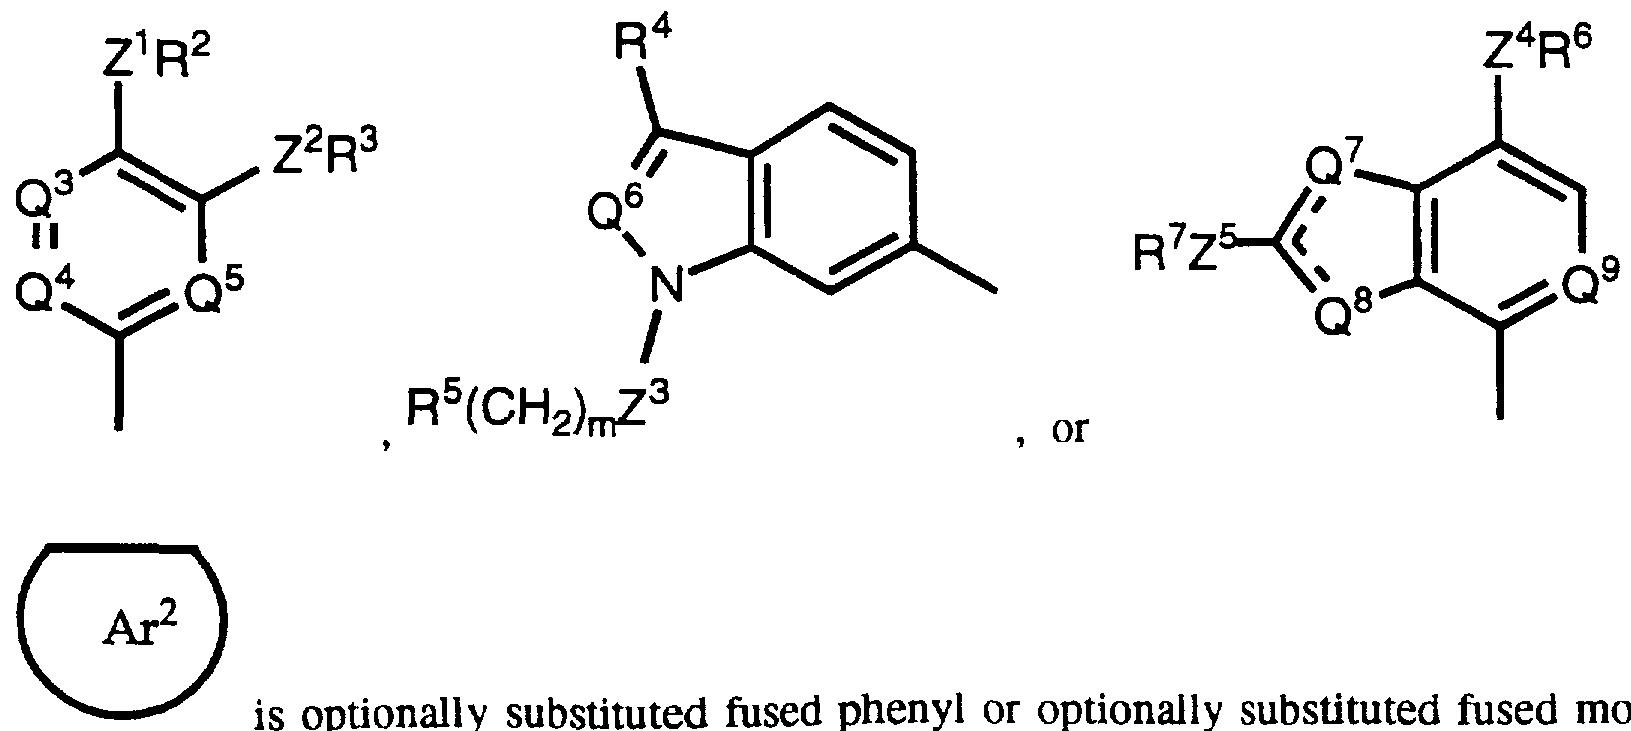 Figure imgf000128_0004